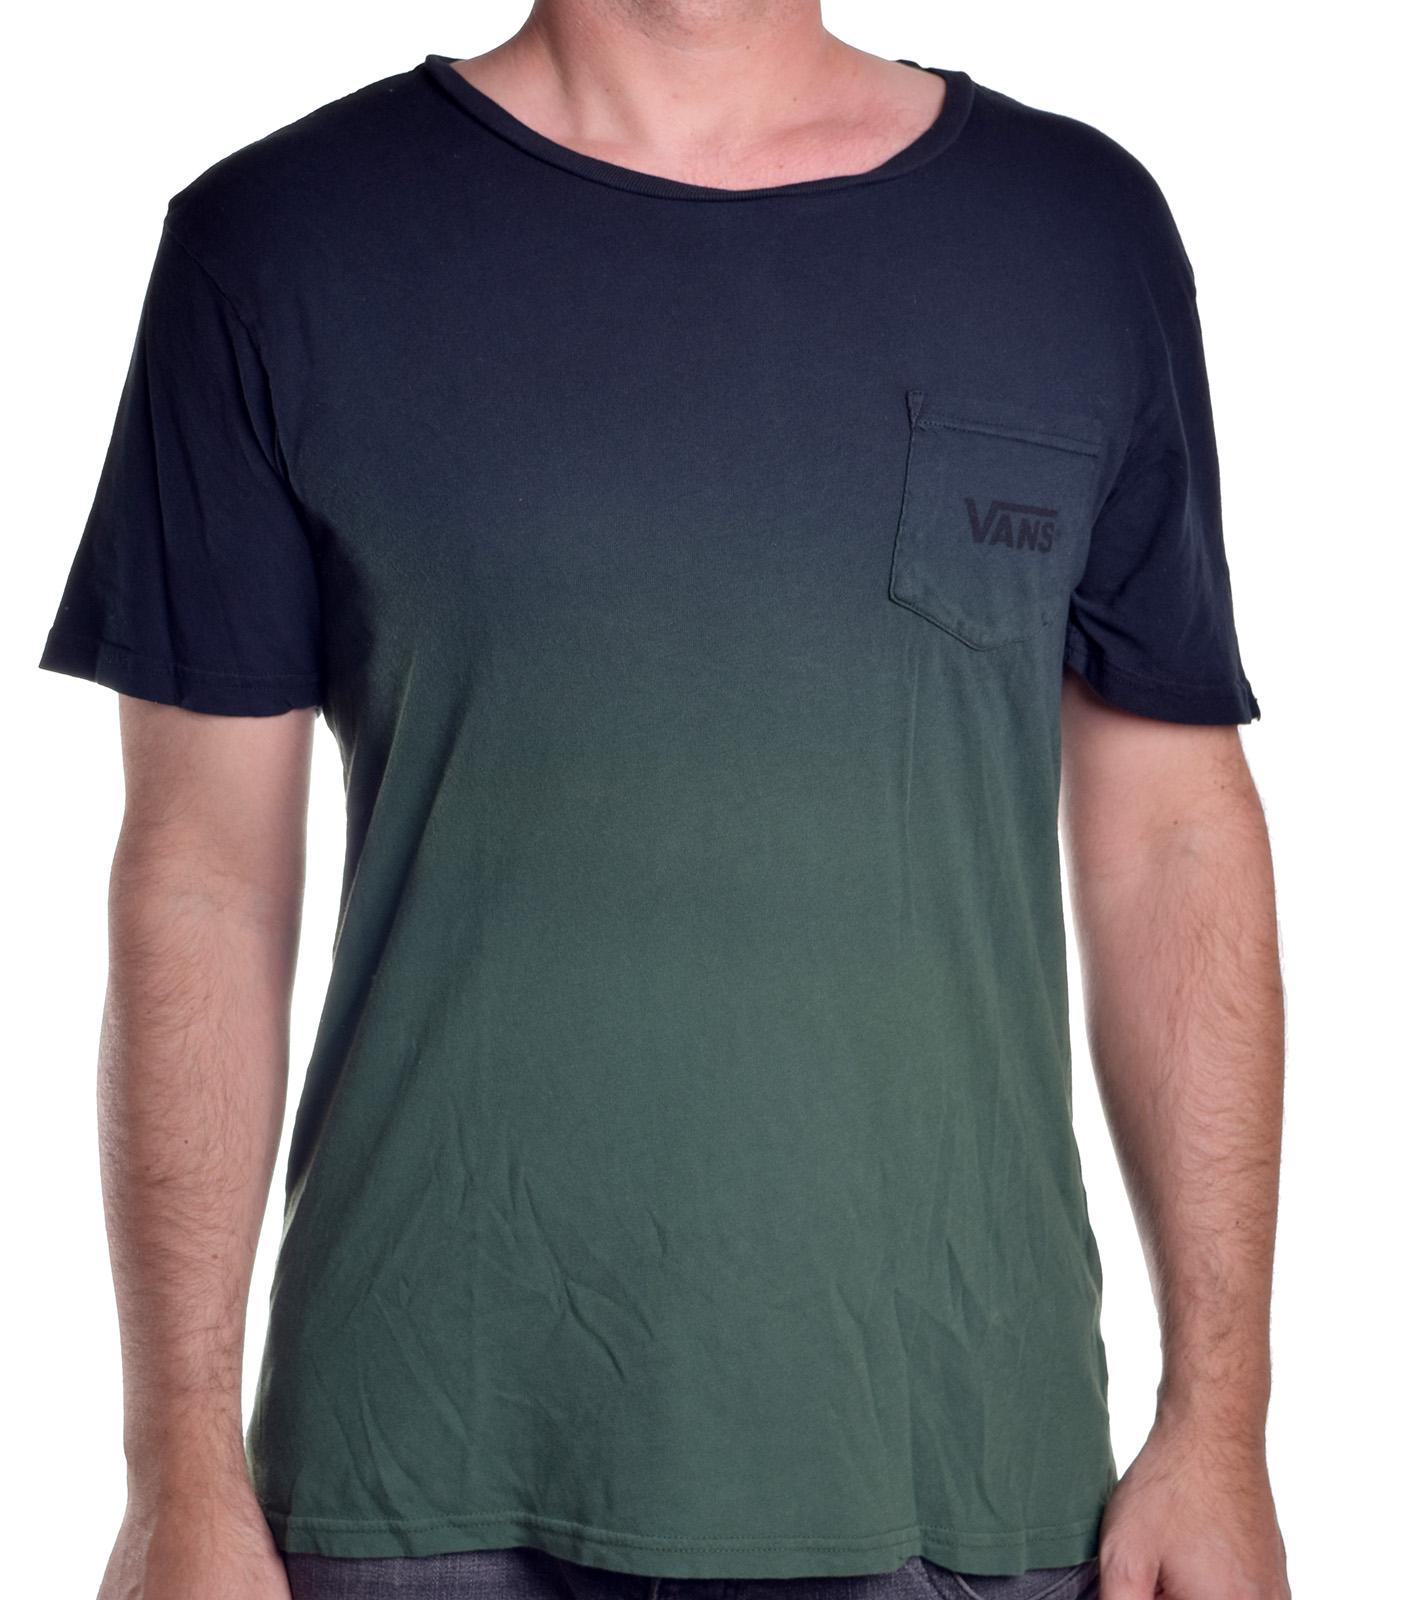 Vans Men's Vanderlip Pocket Classic Tee Shirt Choose Size ...